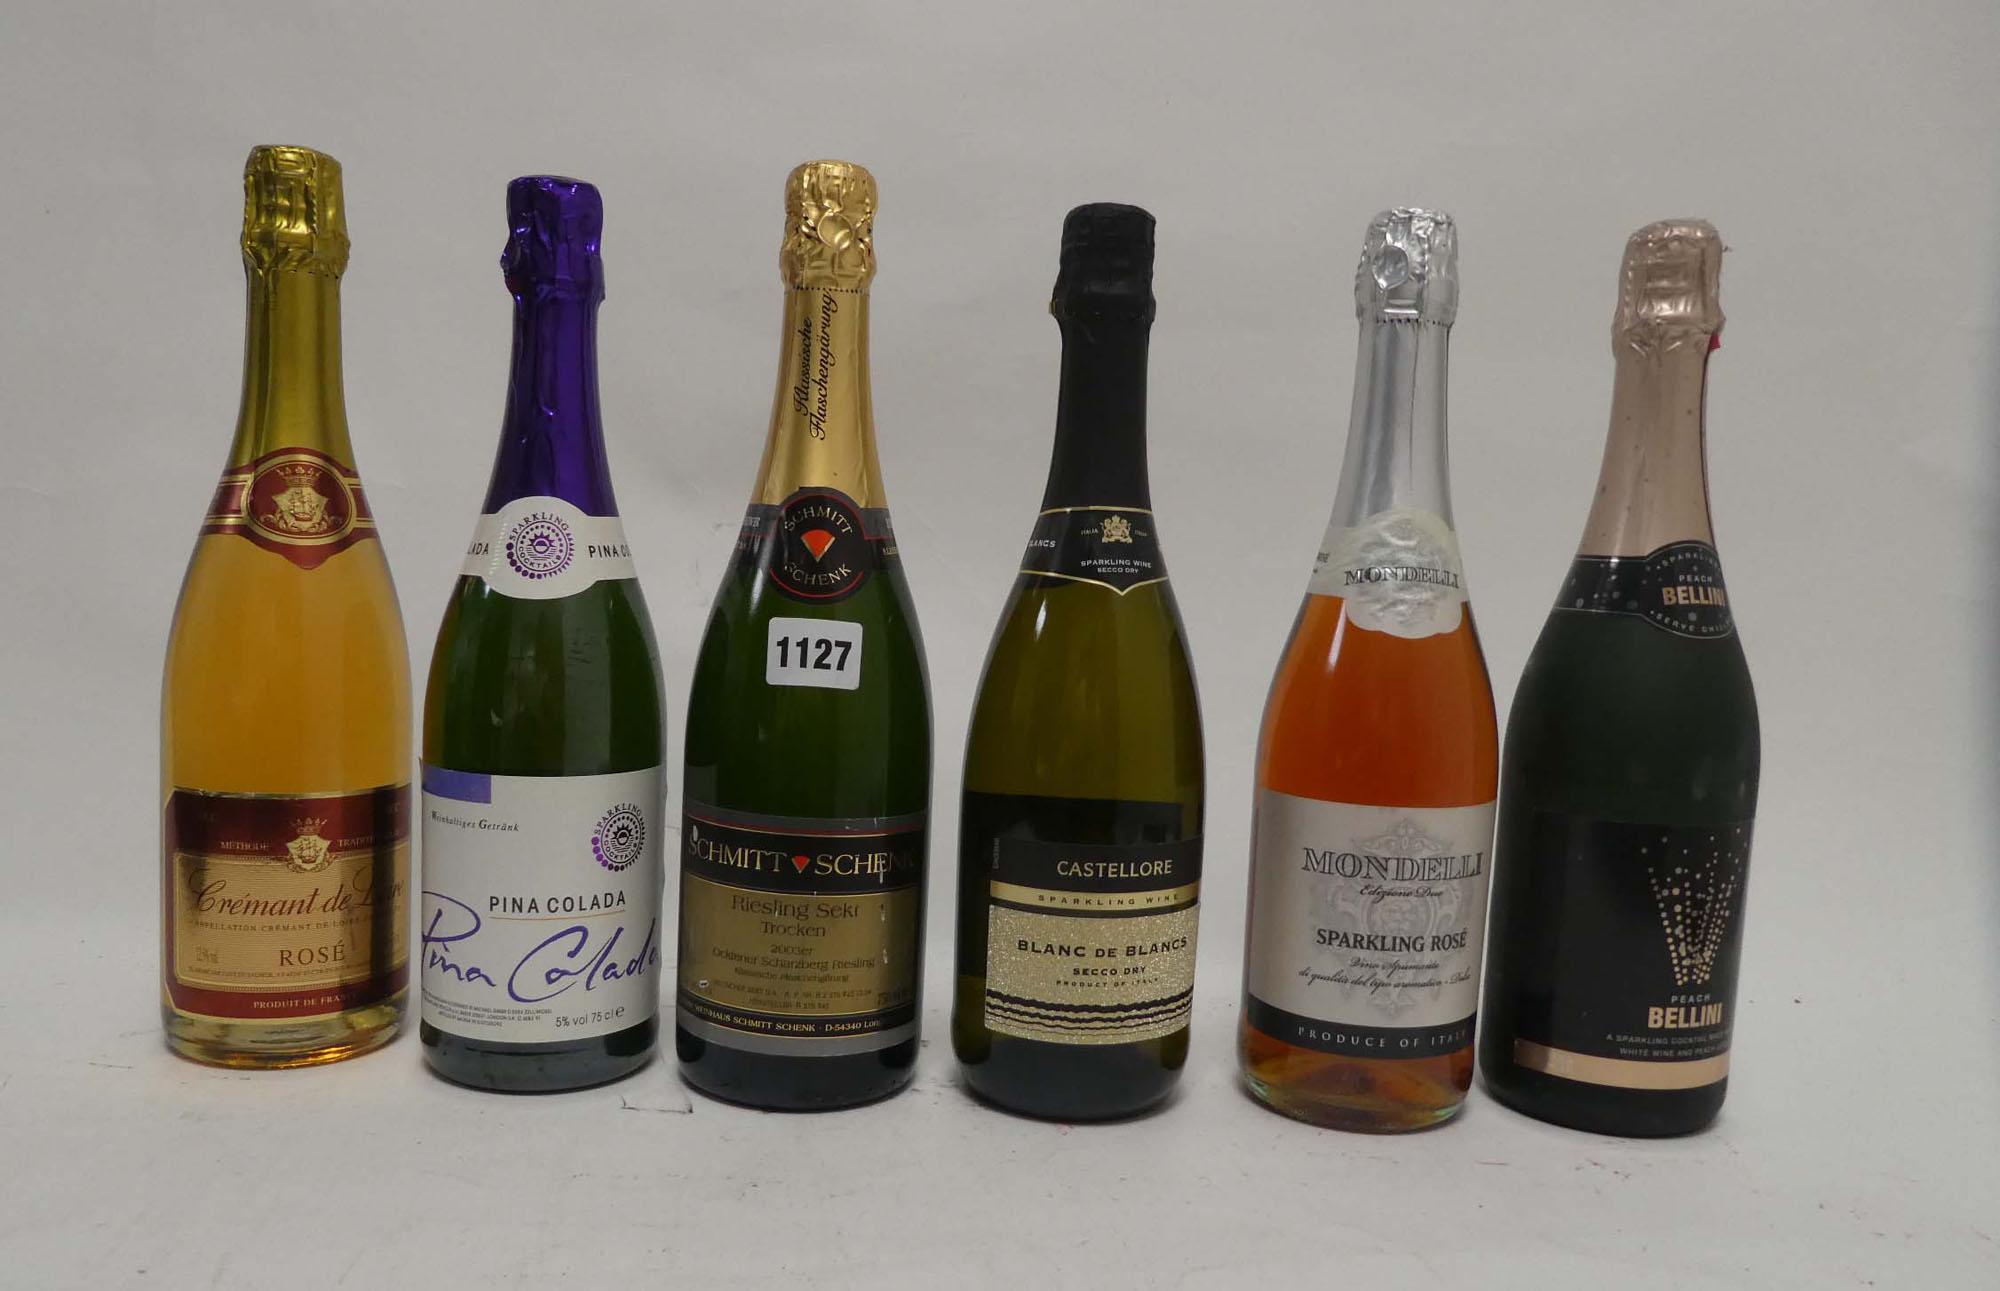 6 bottles, 1x Schmitt Schenk Riesling Sekt Trocken 2003, 1x Castellore Blanc de Blancs Secco Dry,